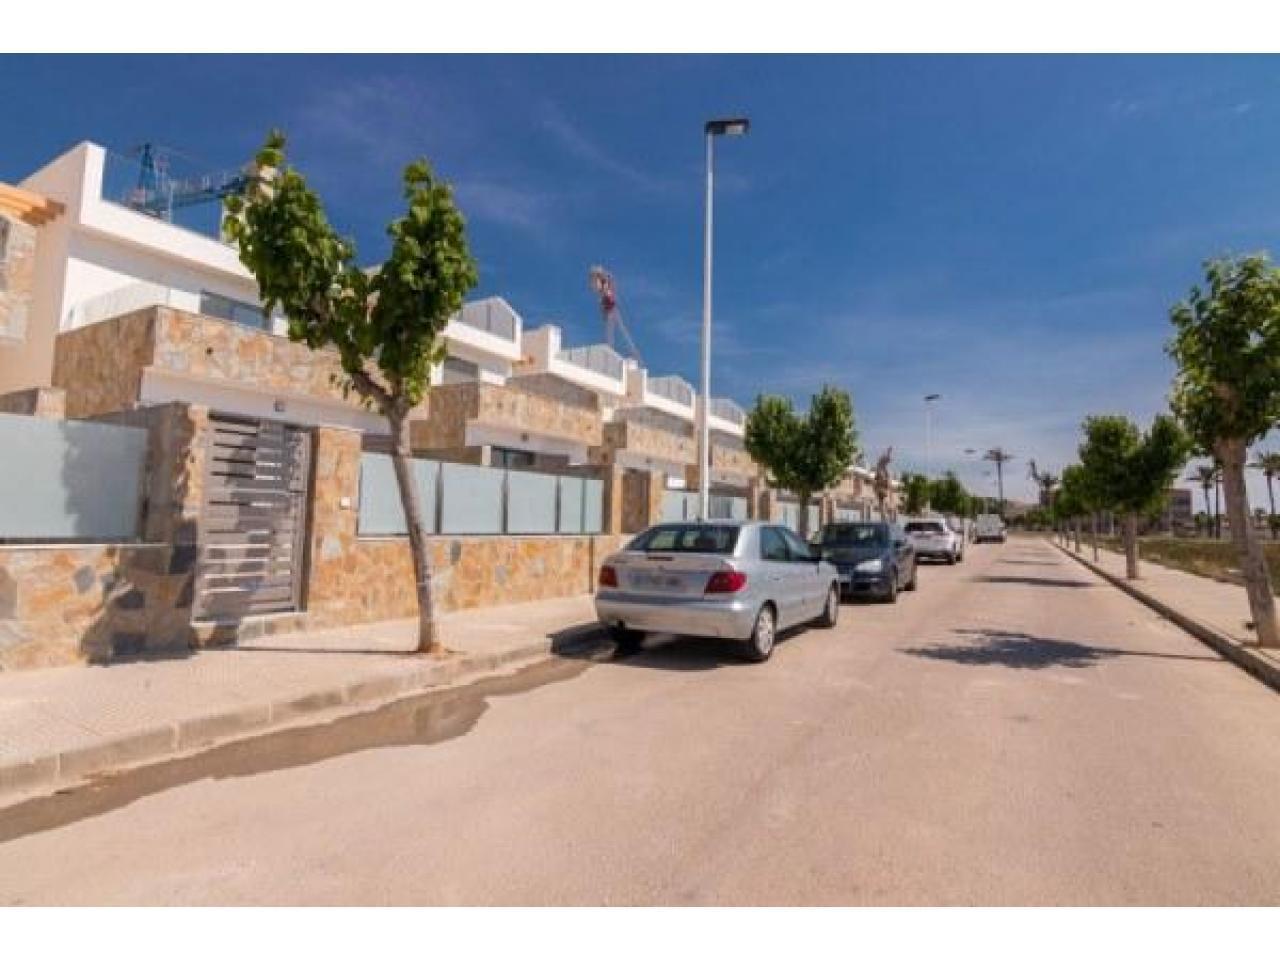 Недвижимость в Испании, Новая вилла рядом с пляжем от застройщика в Лос Алькасарес - 8